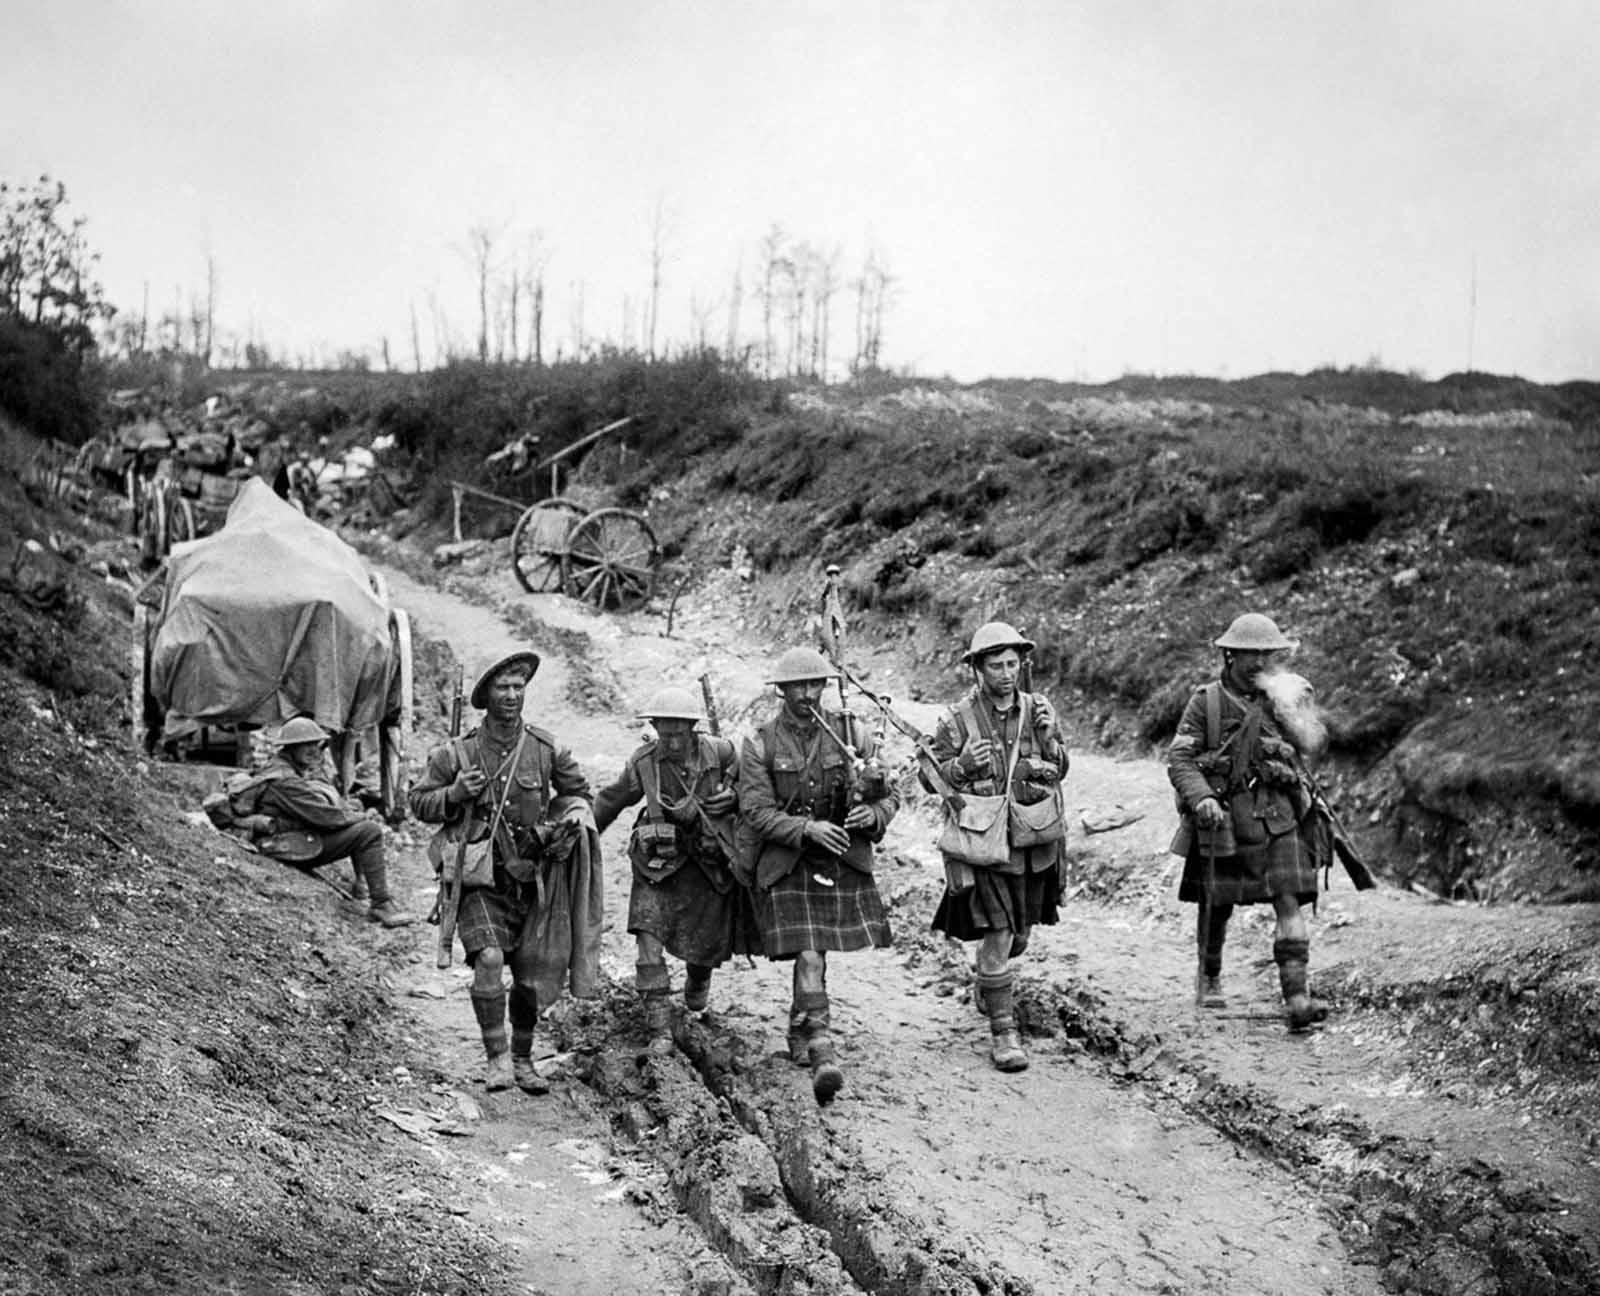 Un gaitero de los 7th Seaforth Highlanders lleva a cuatro hombres de la 26th Brigade a regresar de las trincheras después del ataque a Longueval. 14 de julio de 1916.